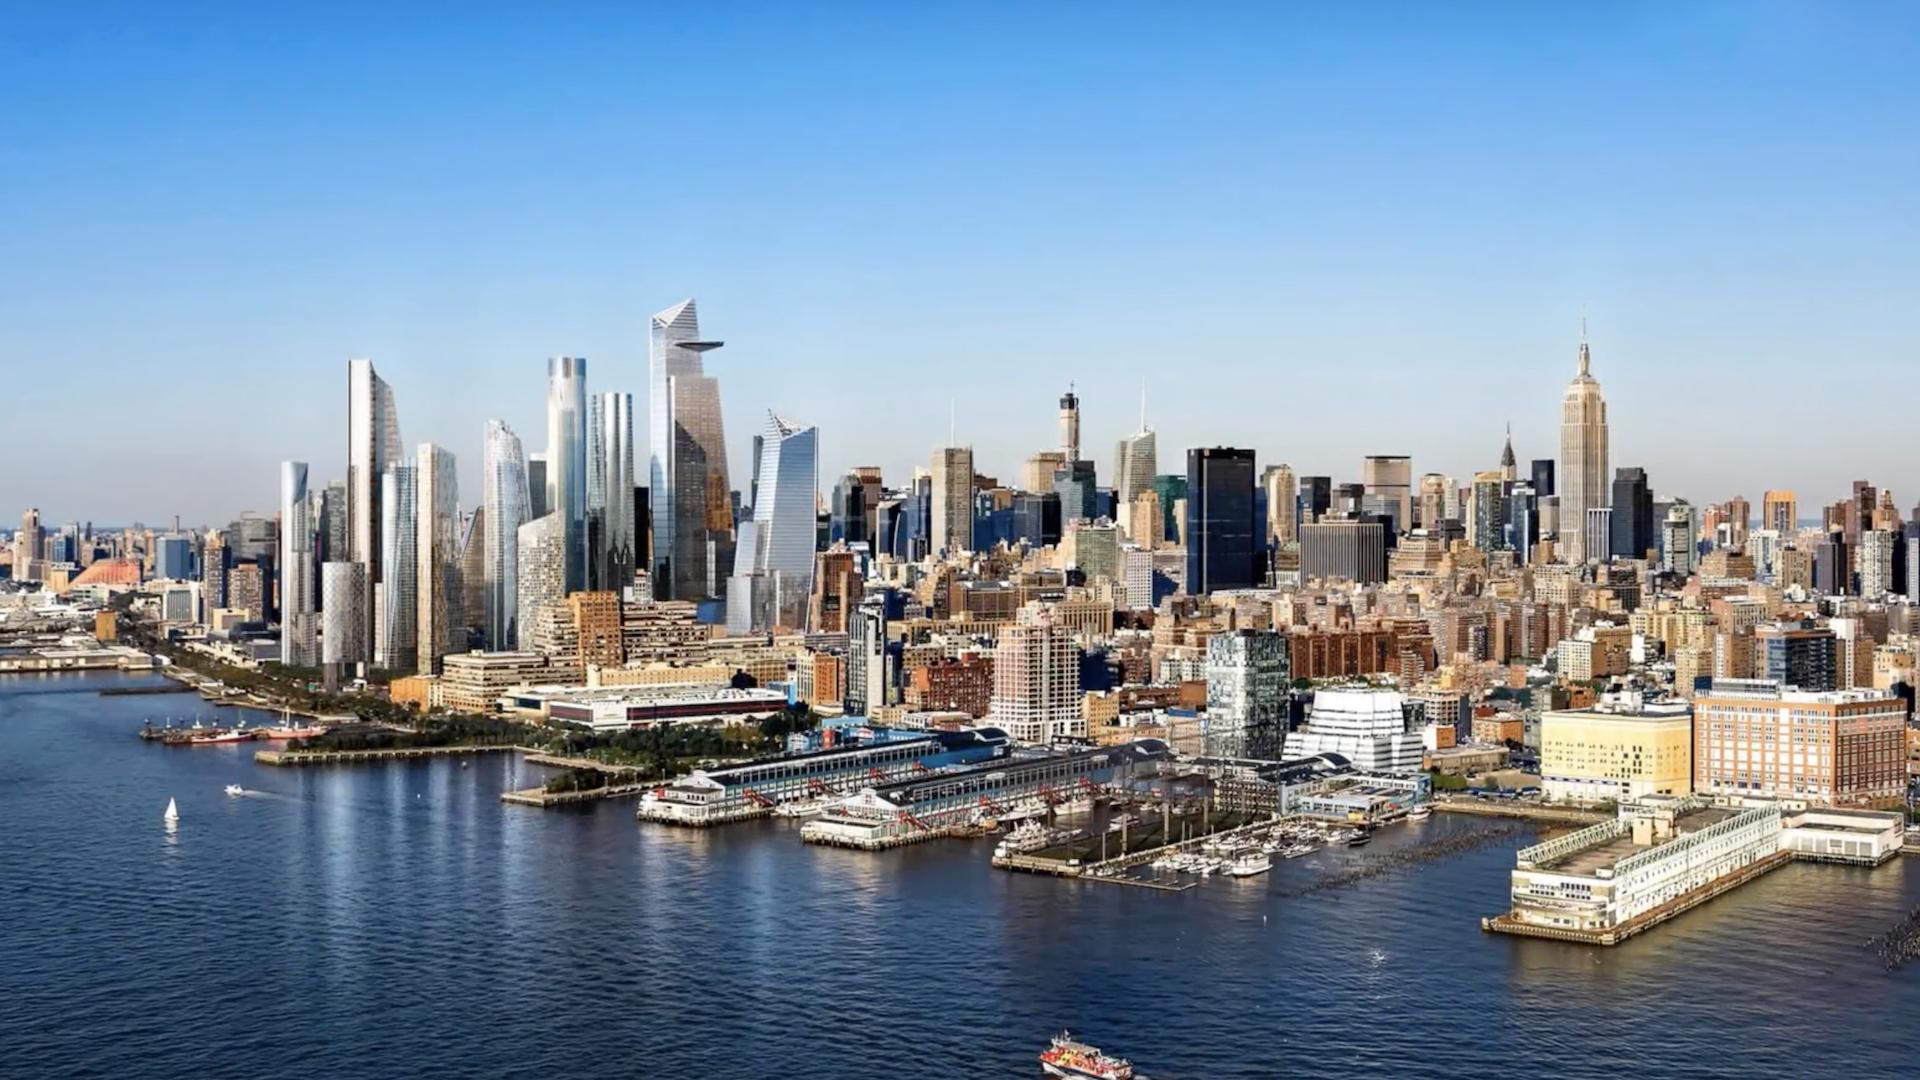 El imperdible video que muestra la construcción de Hudson Yards